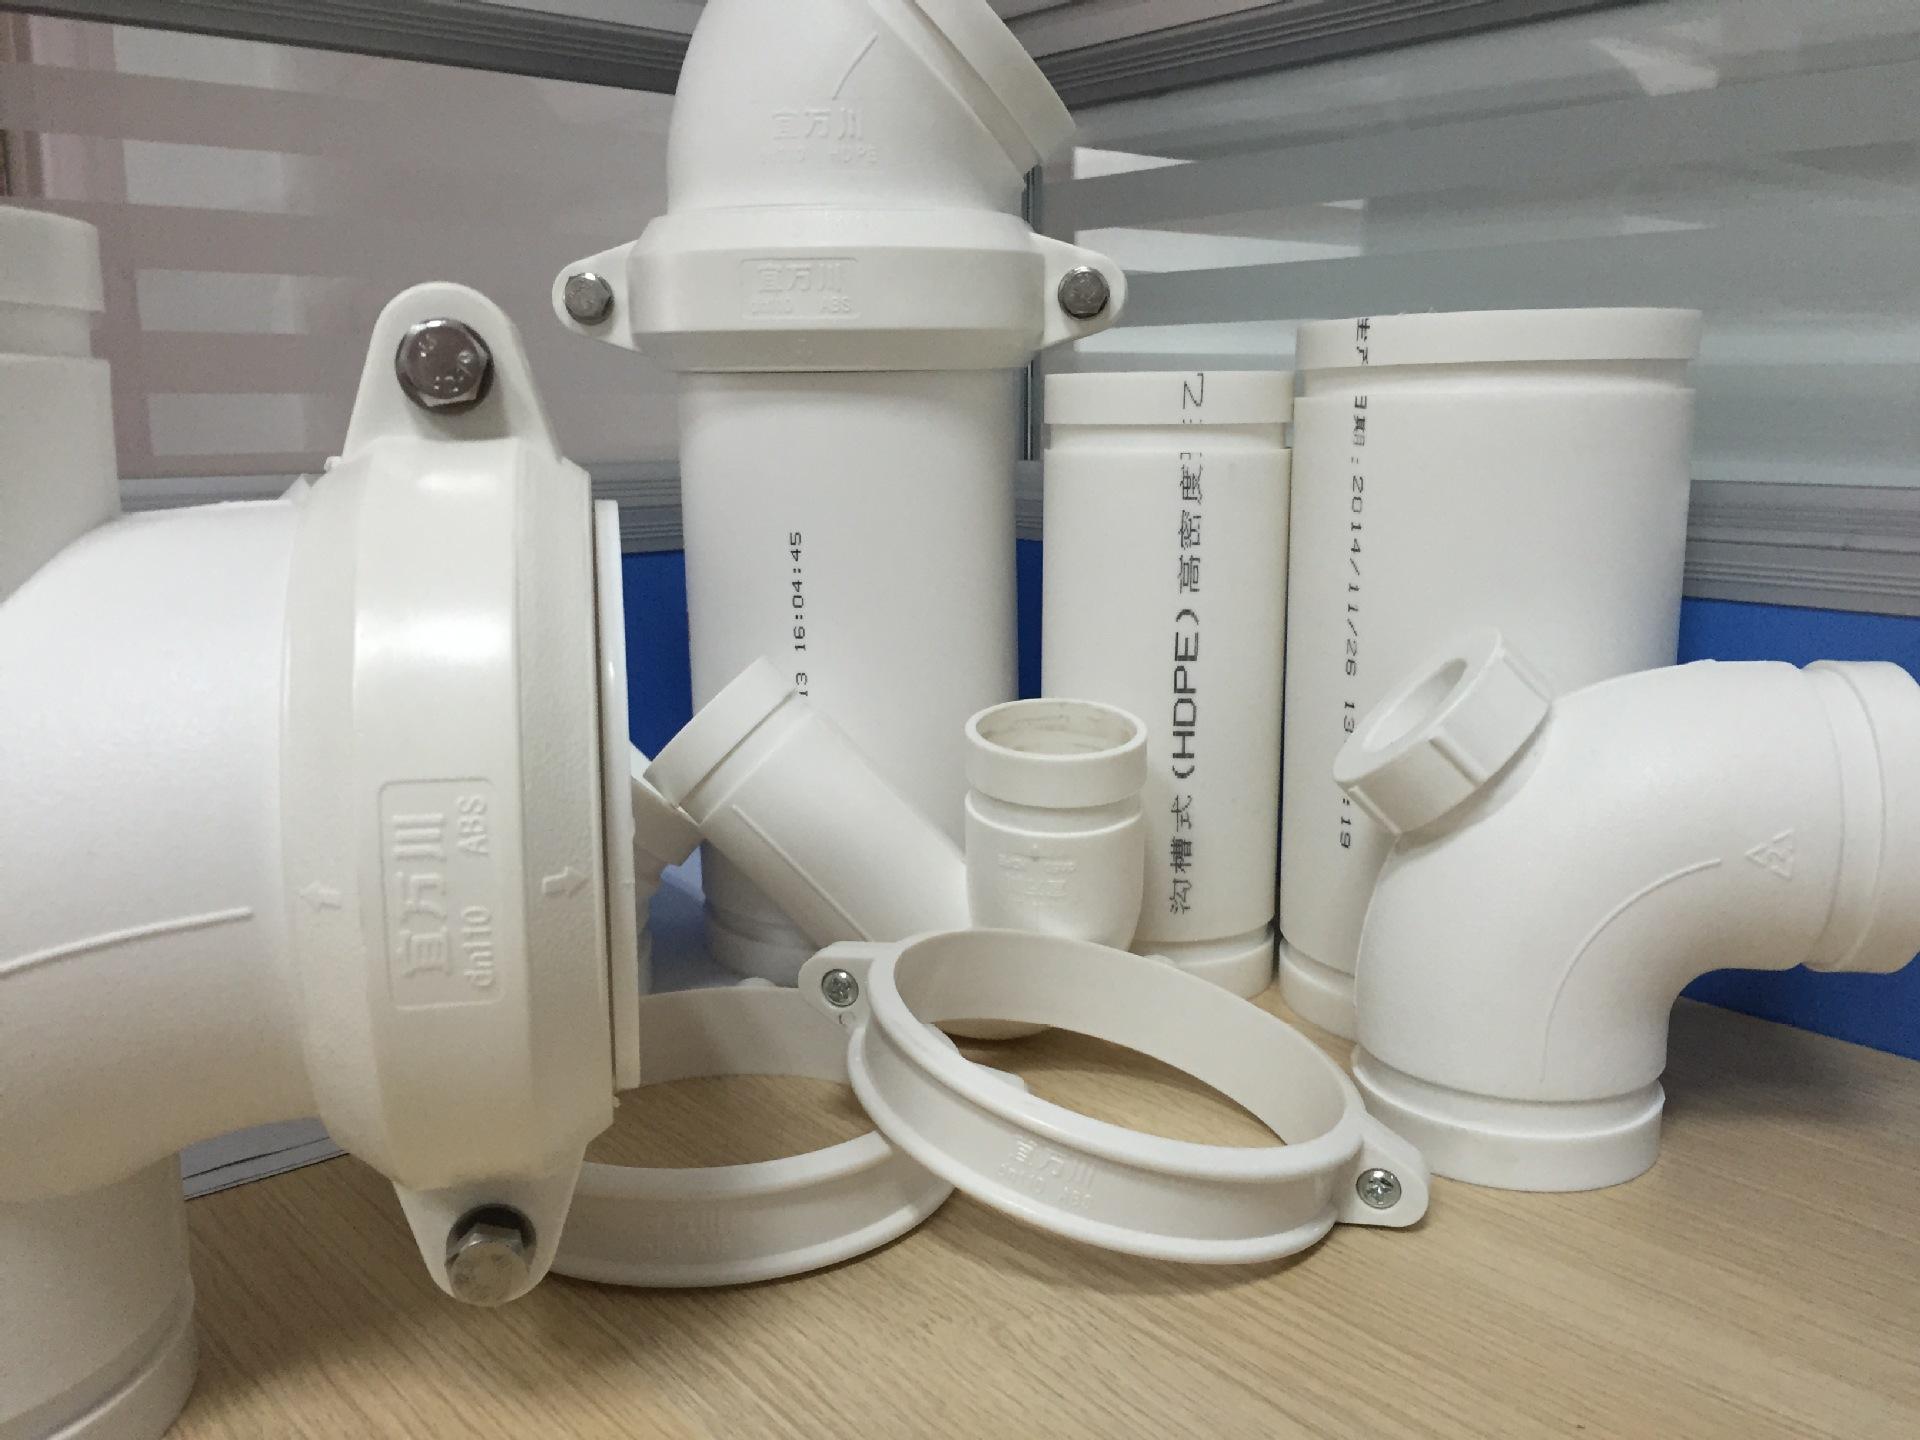 沟槽式HDPE排水管,HDPE沟槽中空管,PE排水管,90°弯头(带检)示例图5